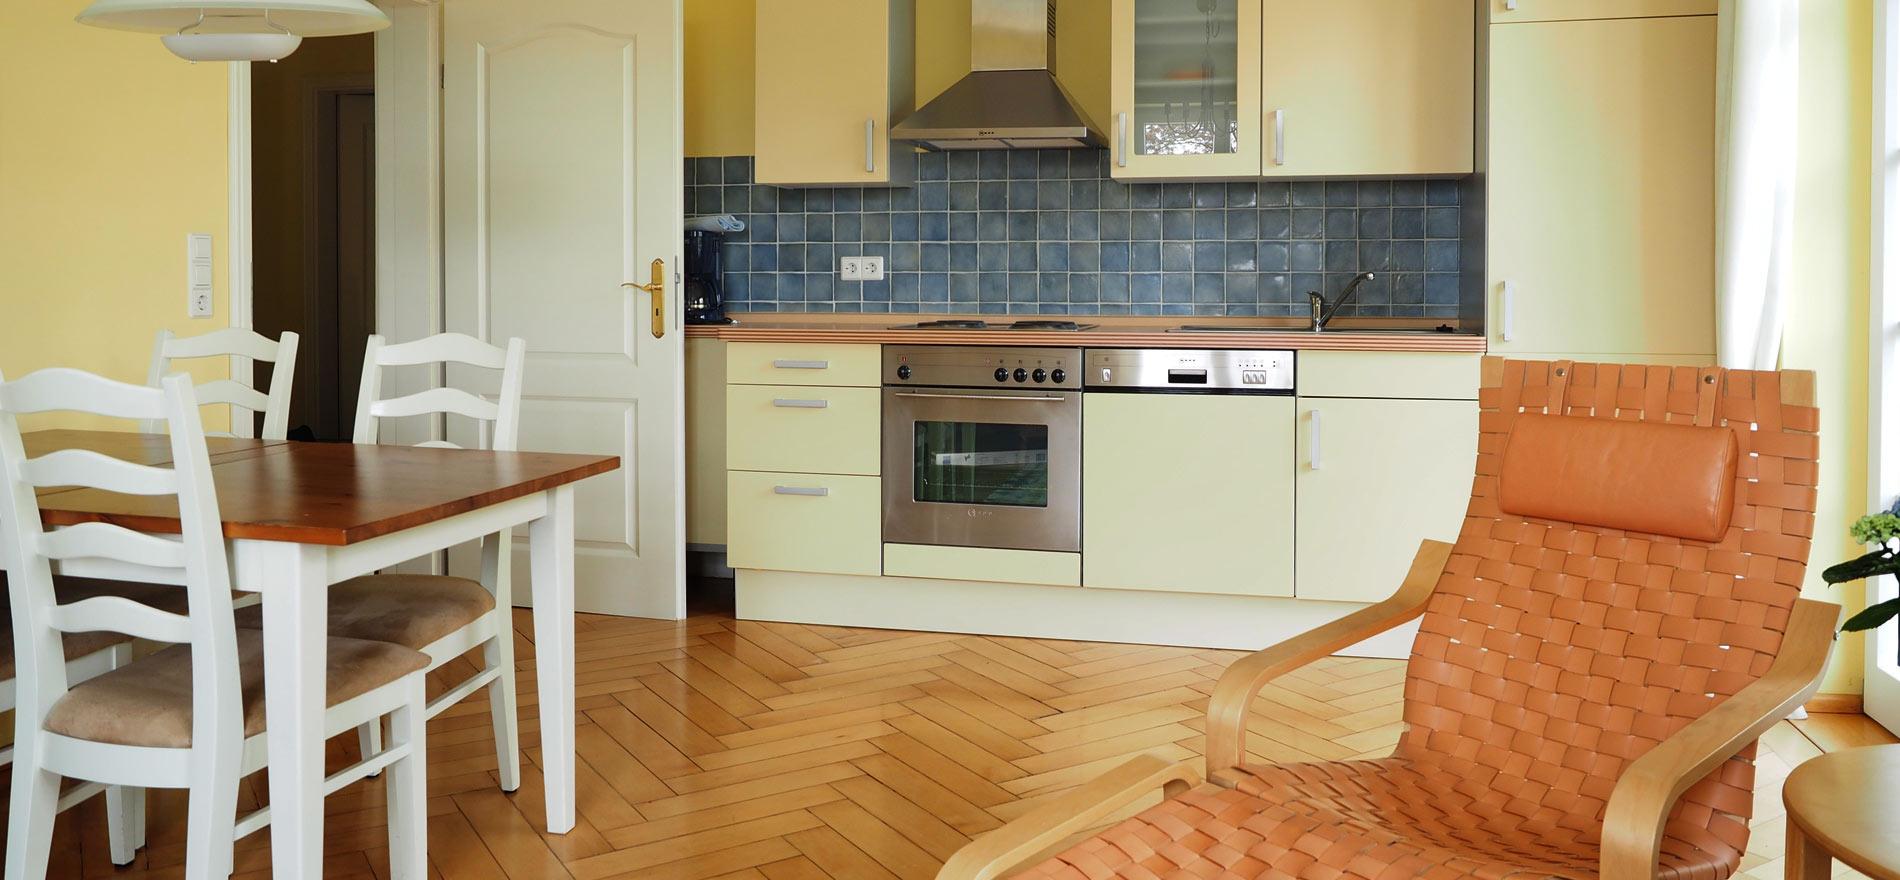 Ferienwohnung Pfarrhaus in Meersburg - Wohnung 4 3